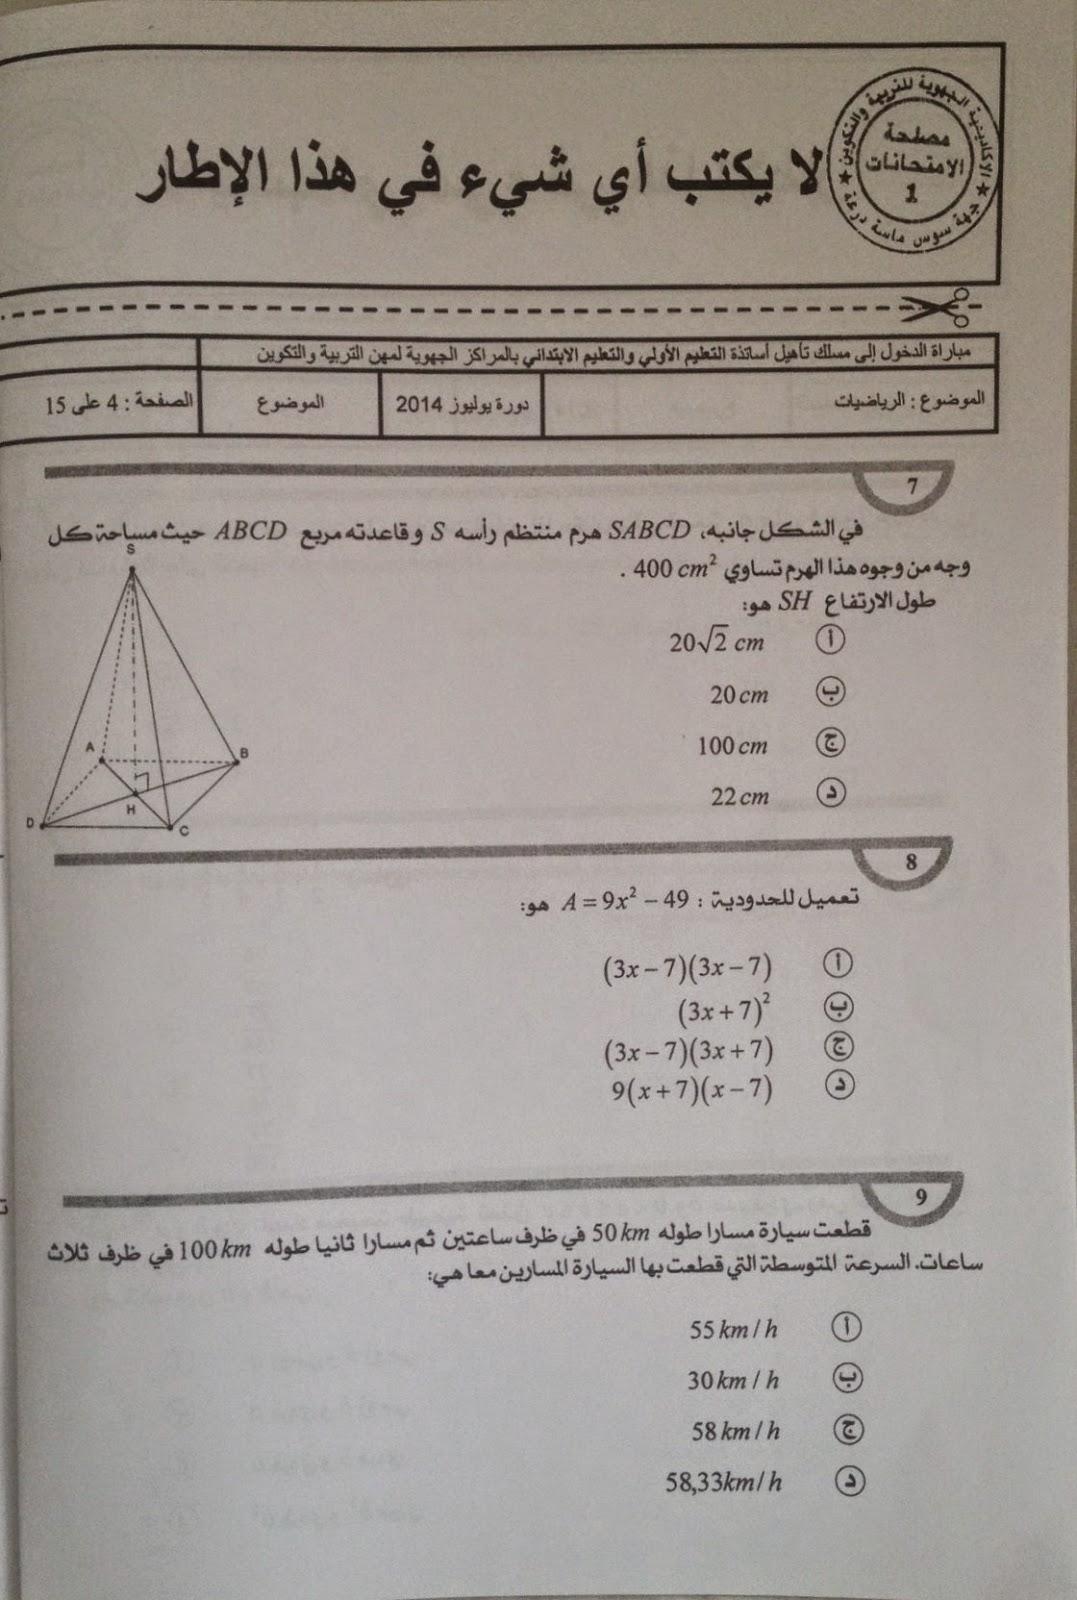 الاختبار الكتابي لولوج المراكز الجهوية للسلك الابتدائي دورة يوليوز 2014- مادة الرياضيات  Nouveau%2Bdocument%2B2_14